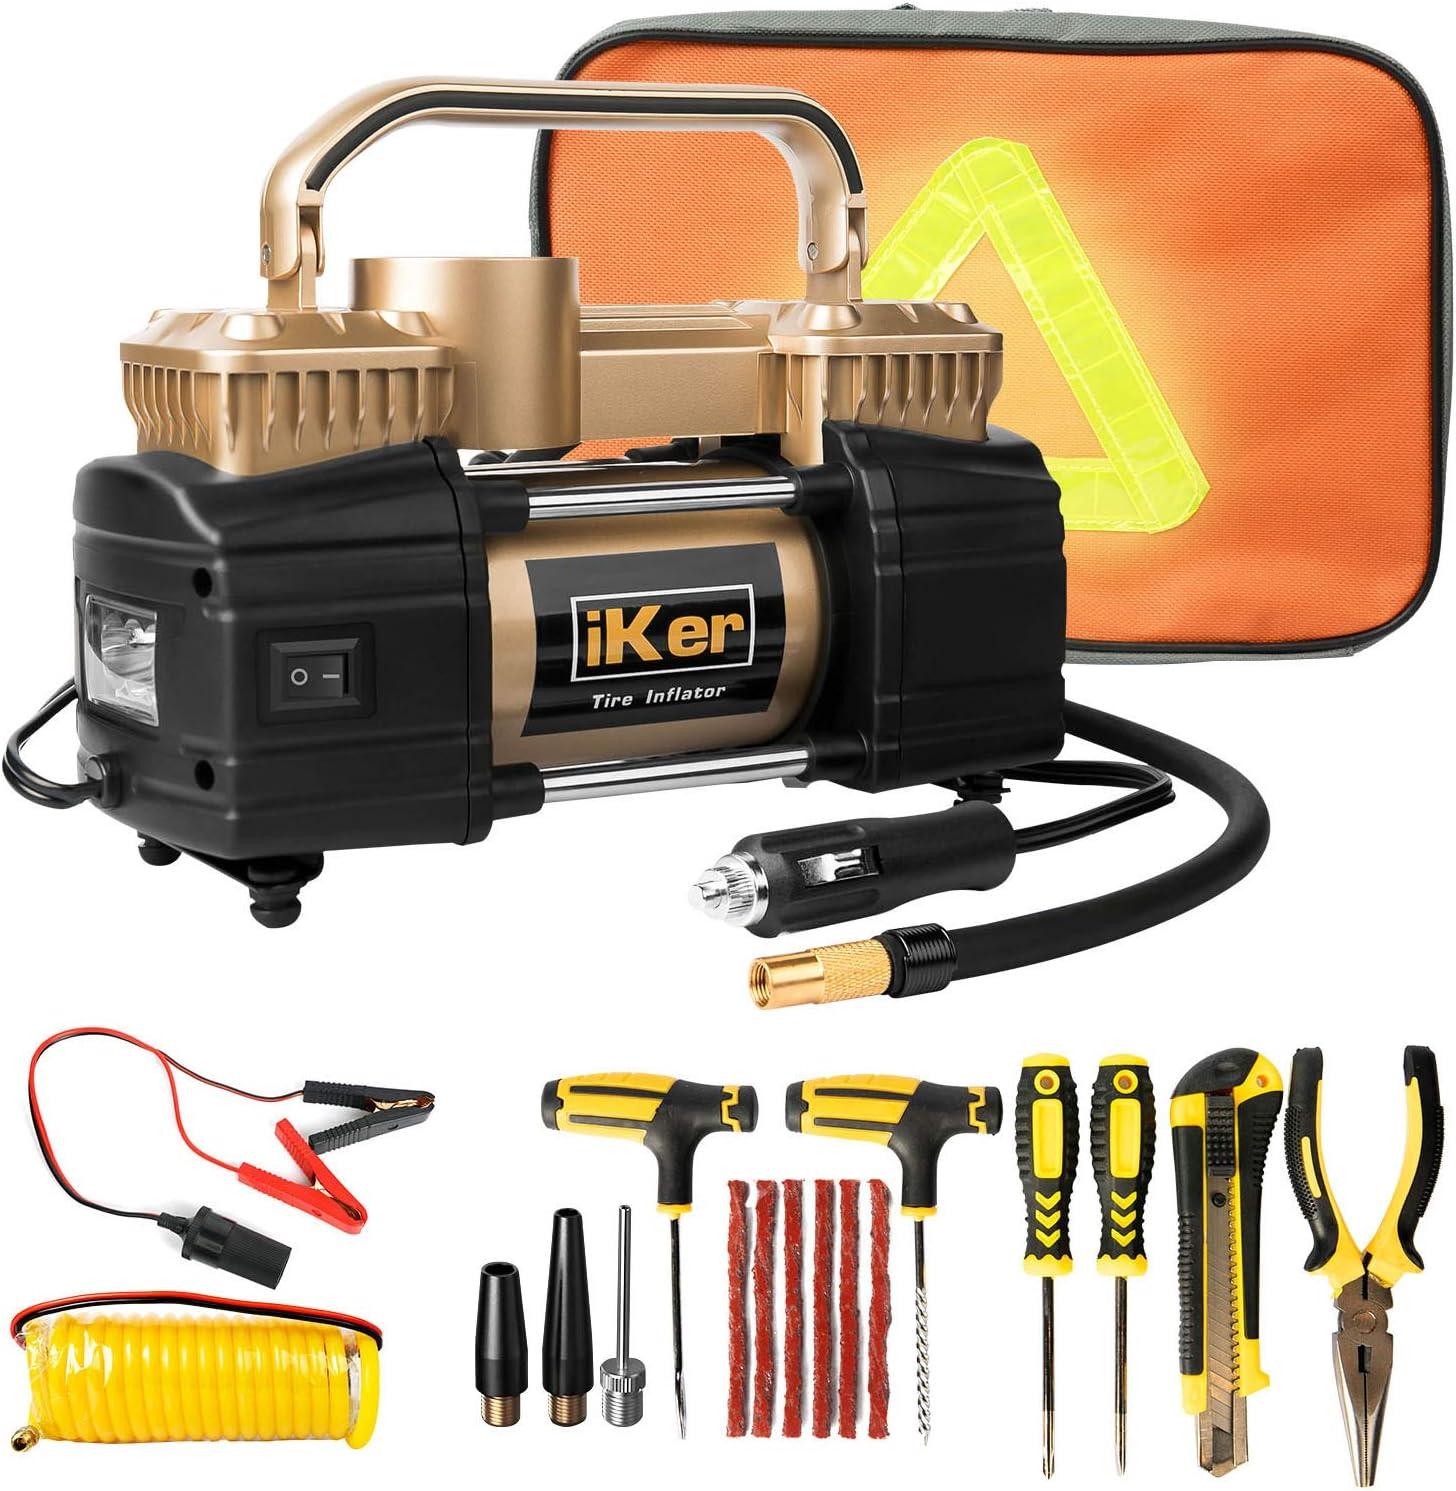 IKer Portable Air Compressor Pump for Truck Tires, Suv